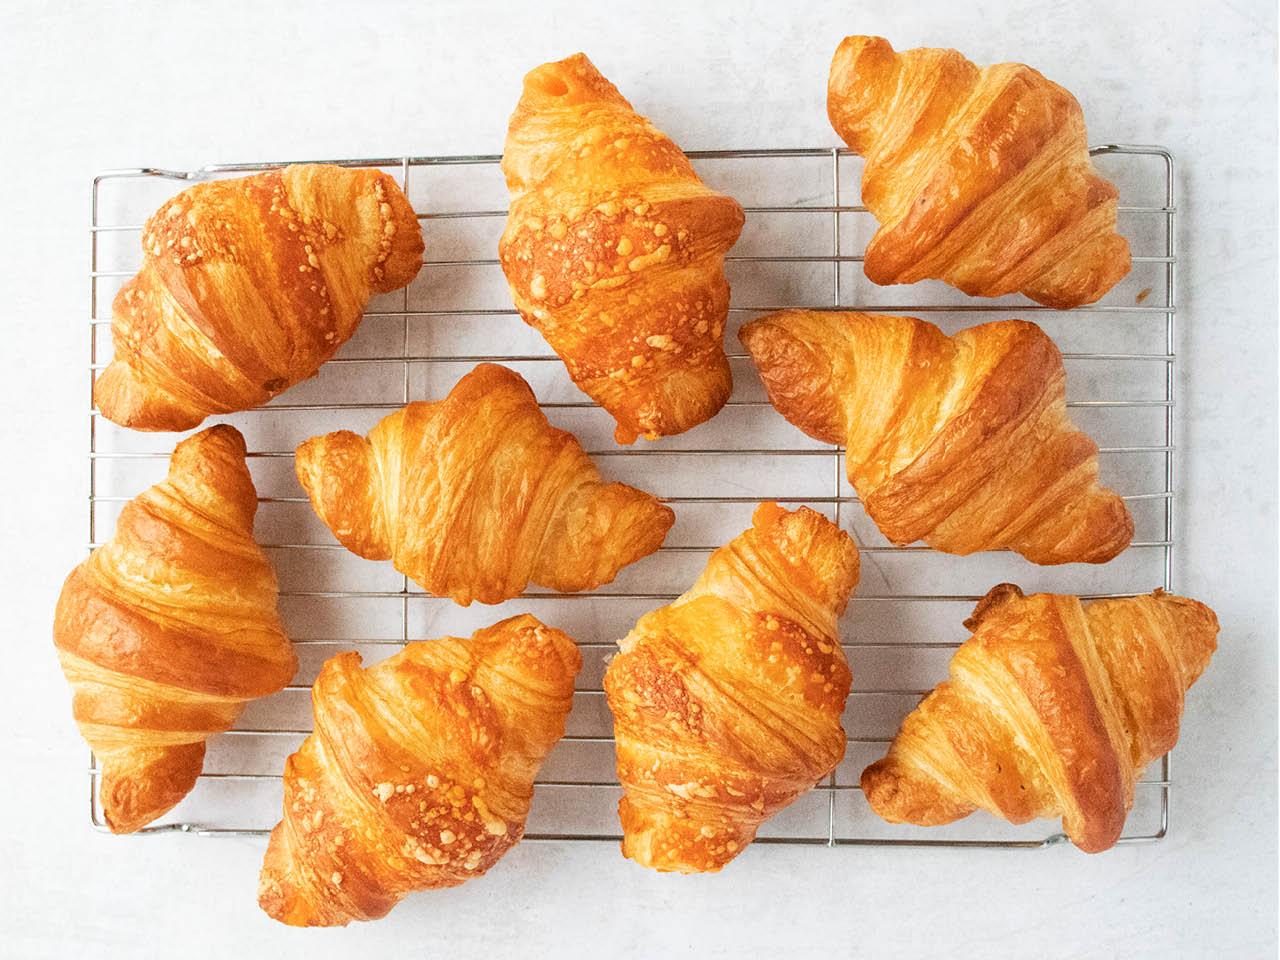 Sunterra Market Croissants